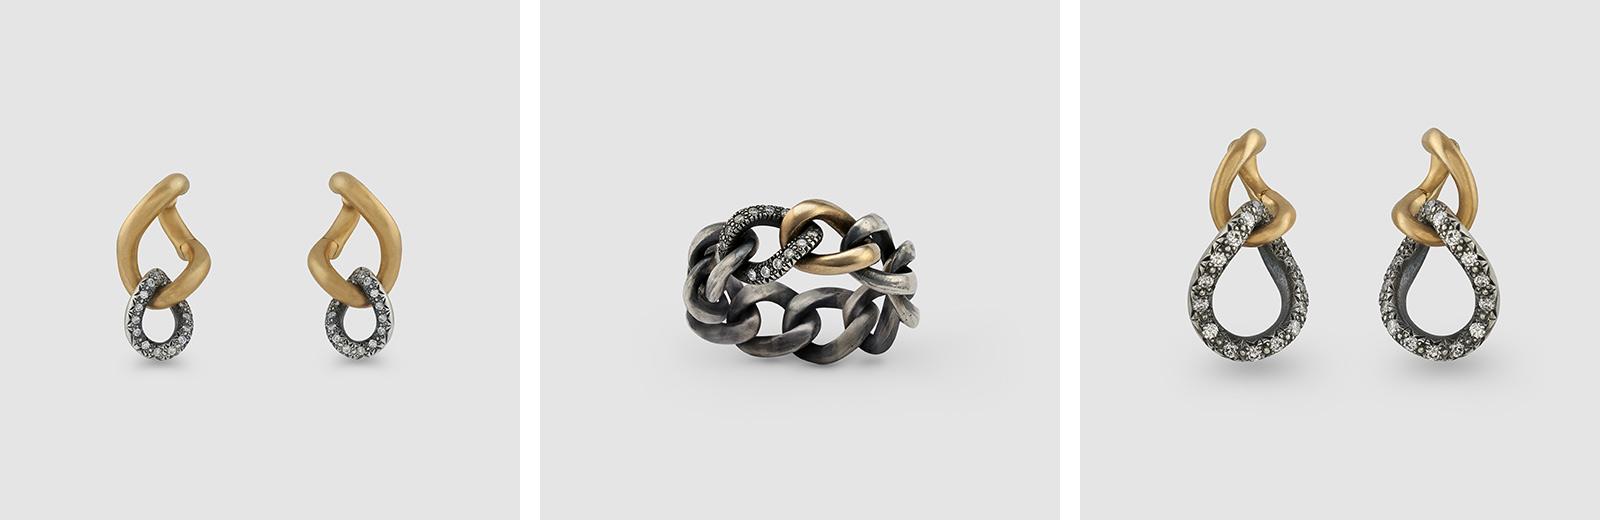 dsmg_jewellery_hum.jpg